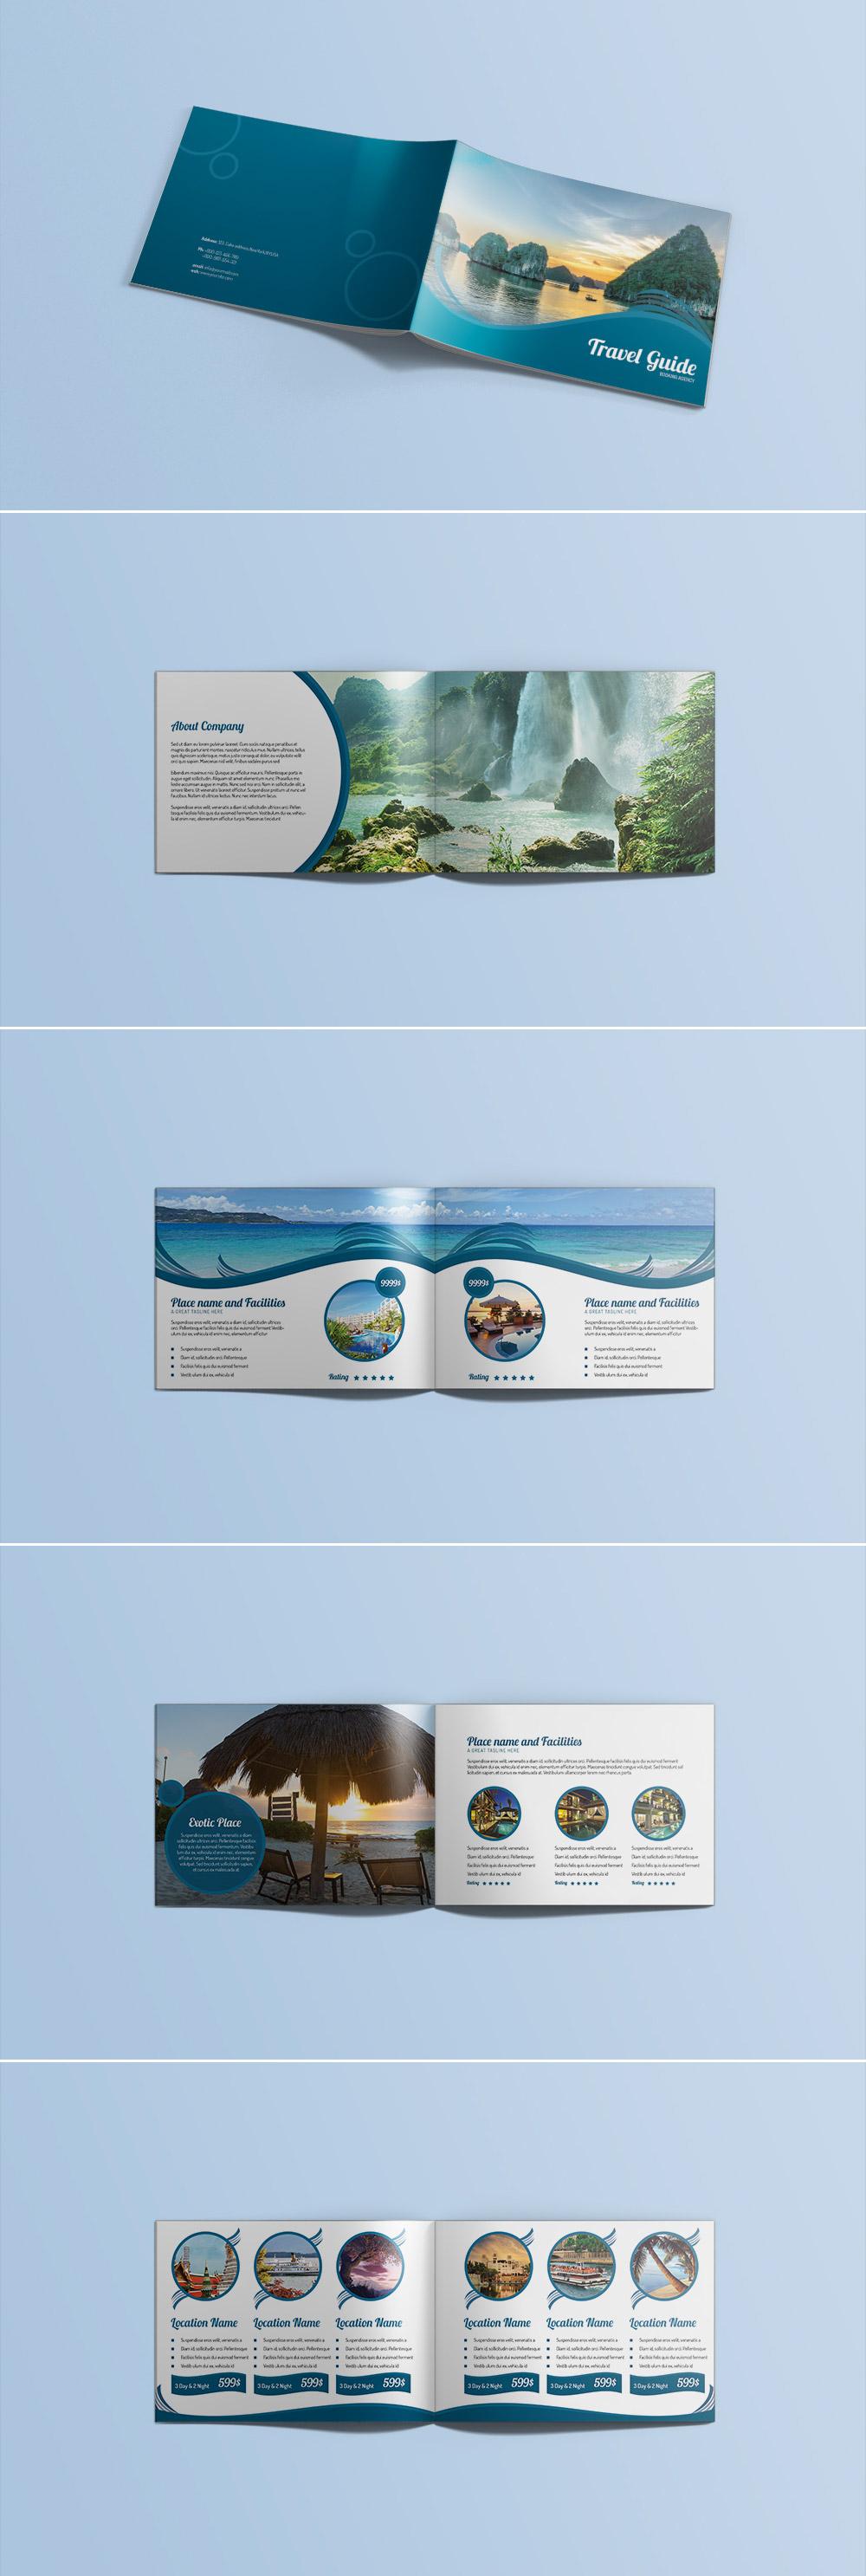 folleto_viajes_turismo_1